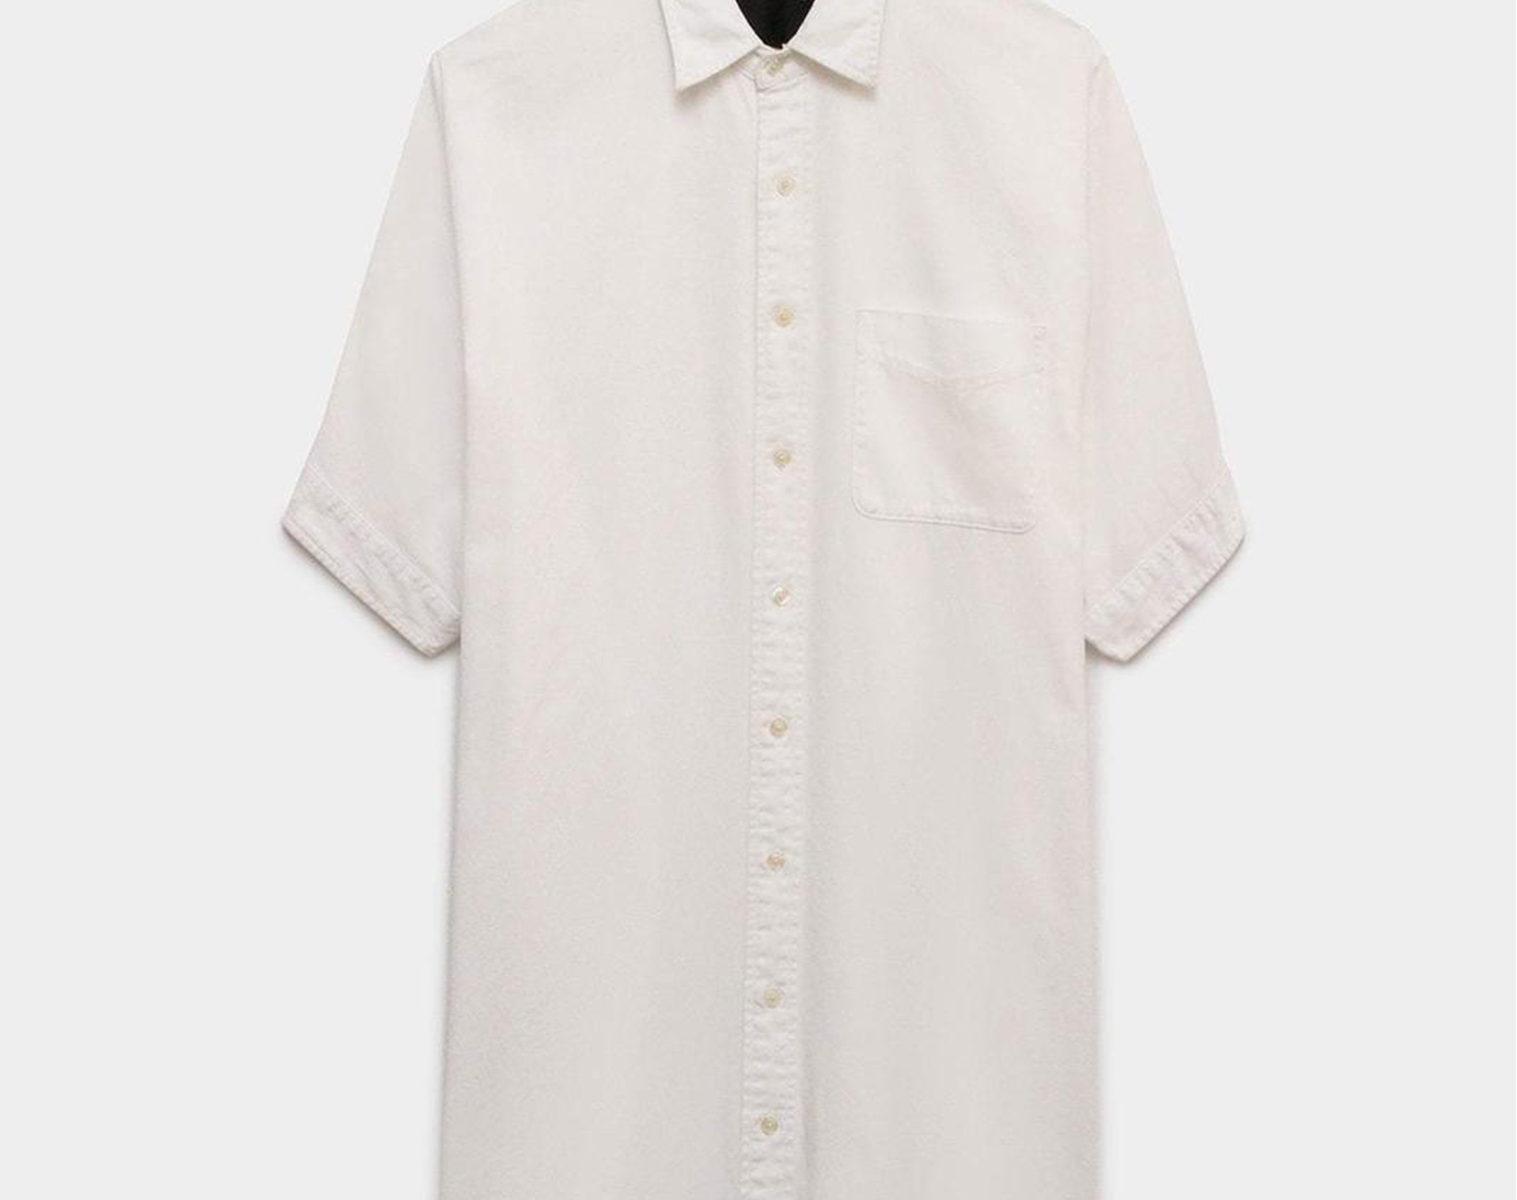 R13 Boxy Button Up Oversized Shirt Dress 1